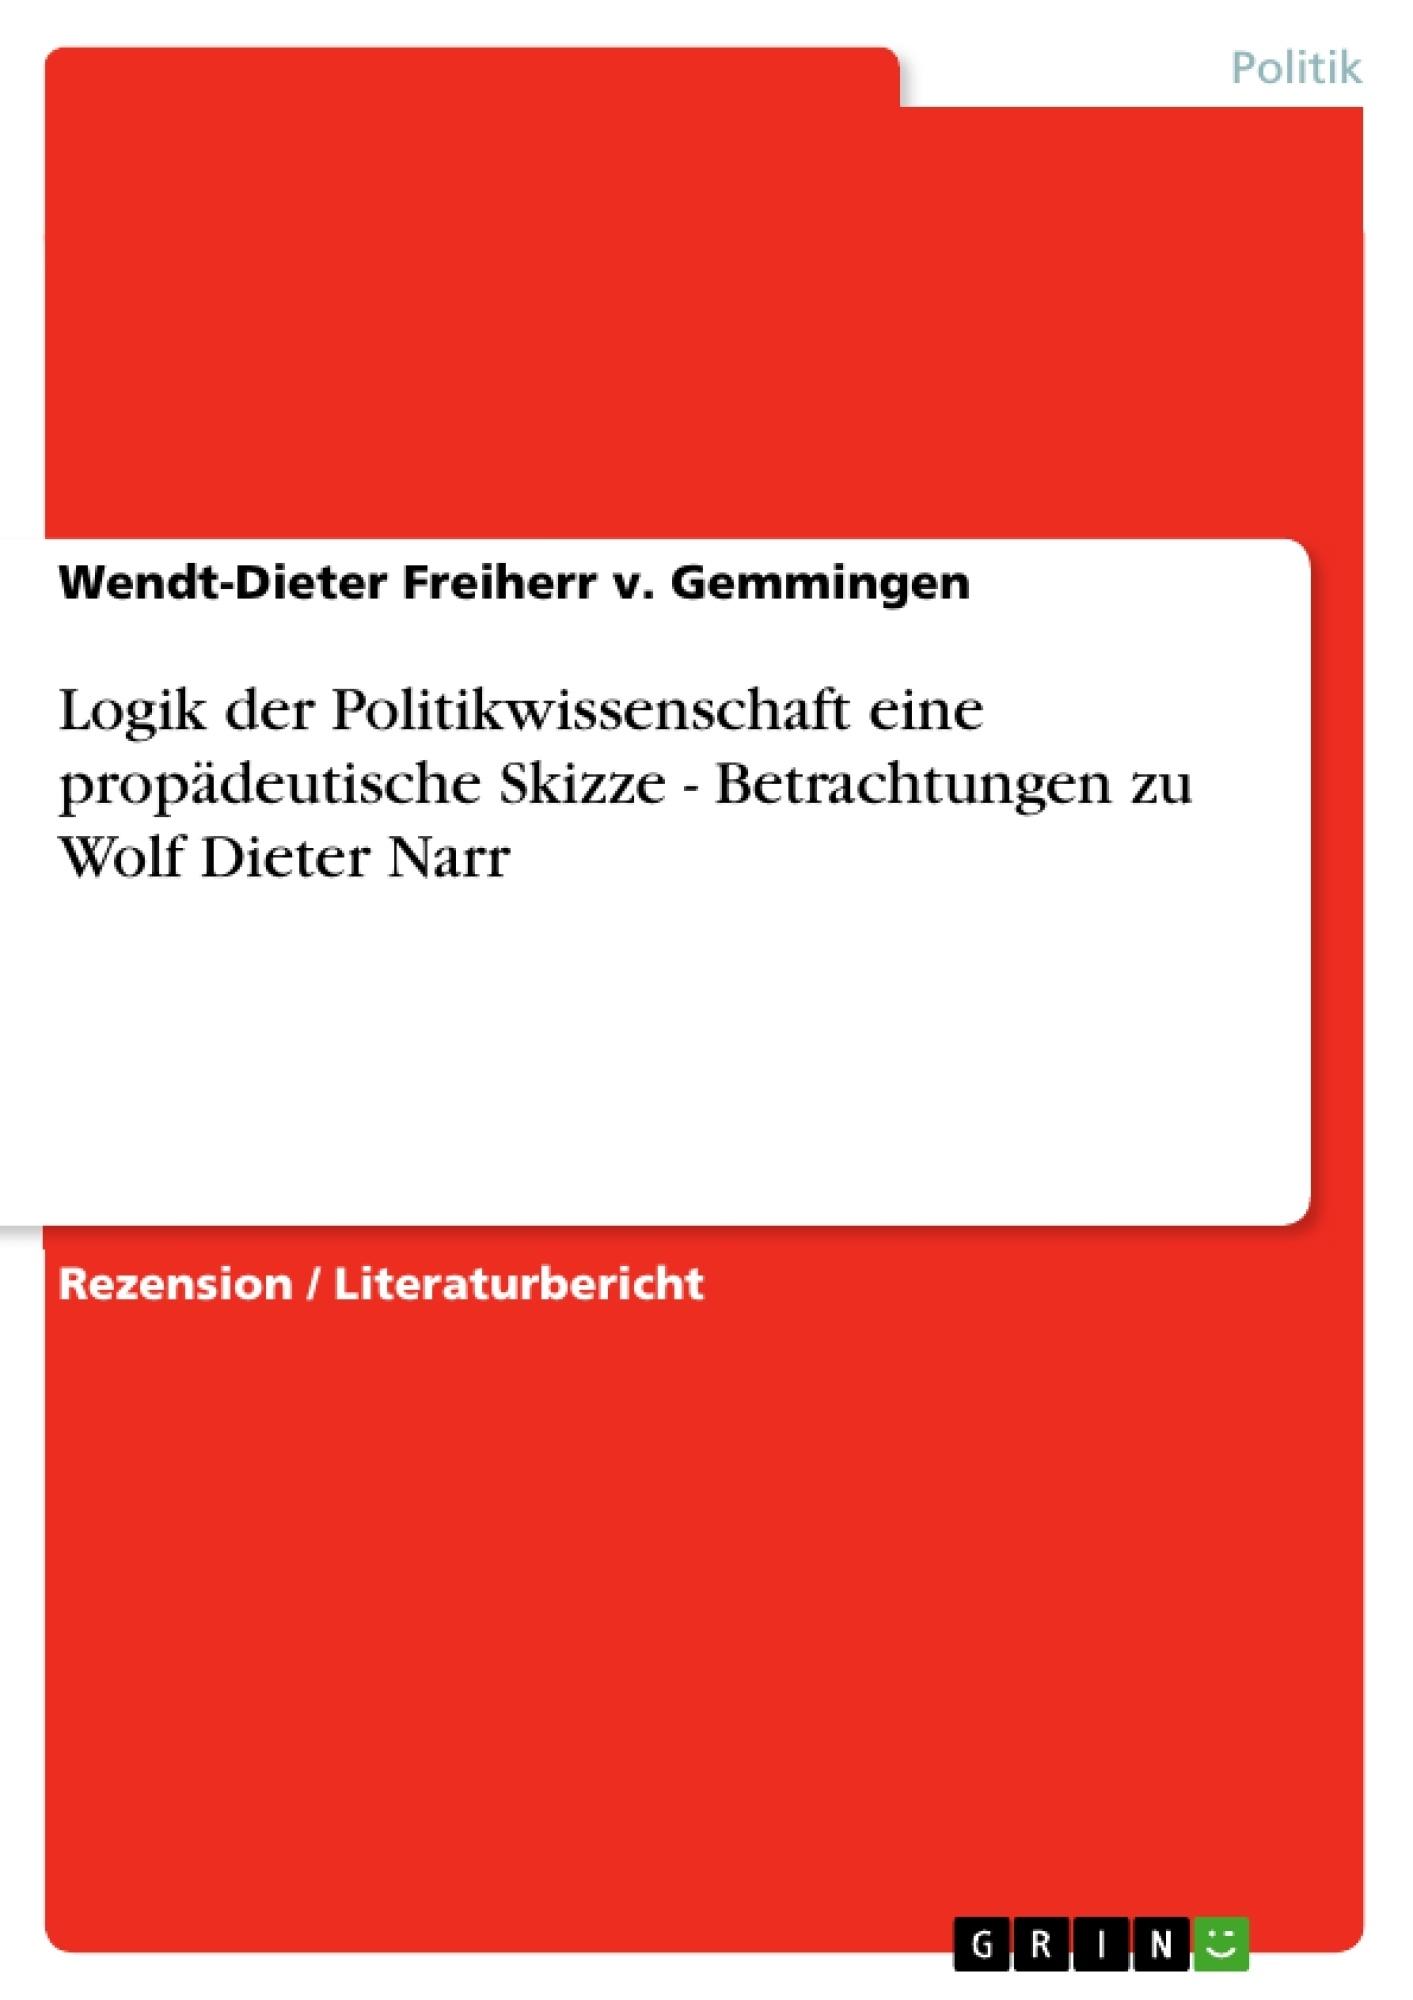 Titel: Logik der Politikwissenschaft eine propädeutische Skizze - Betrachtungen zu Wolf Dieter Narr